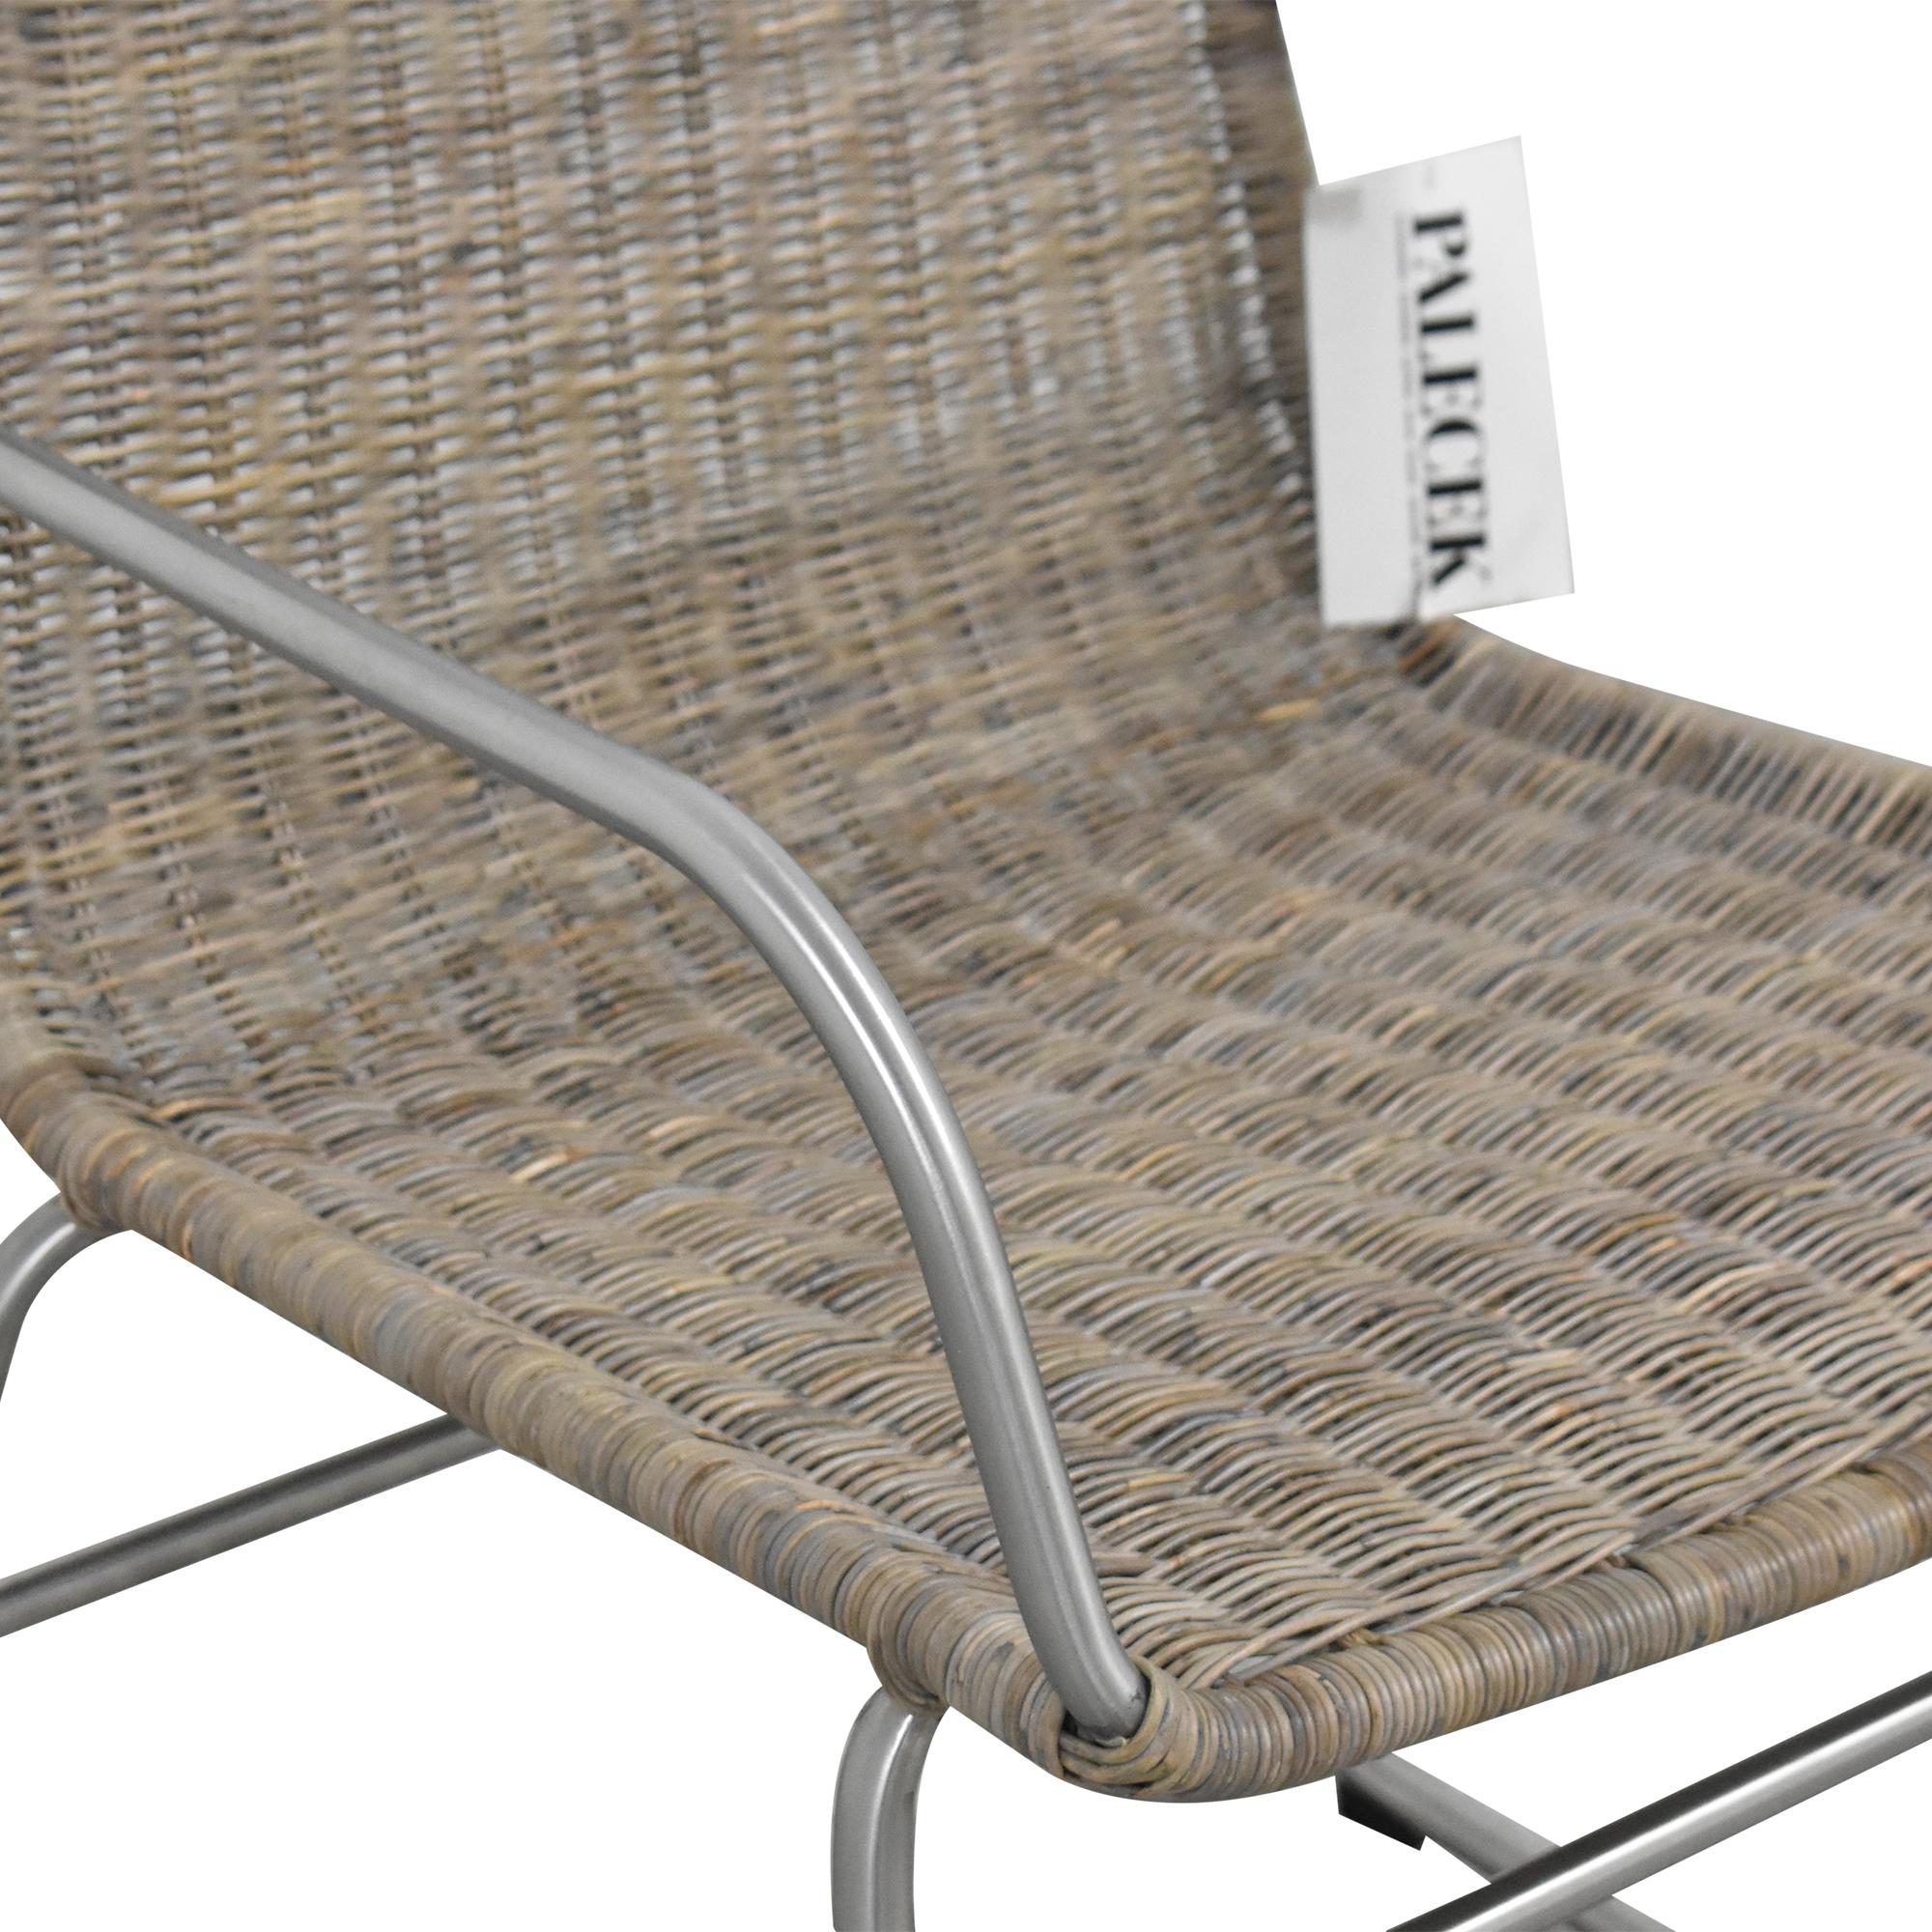 Palecek Palecek Oslo Arm Chair used